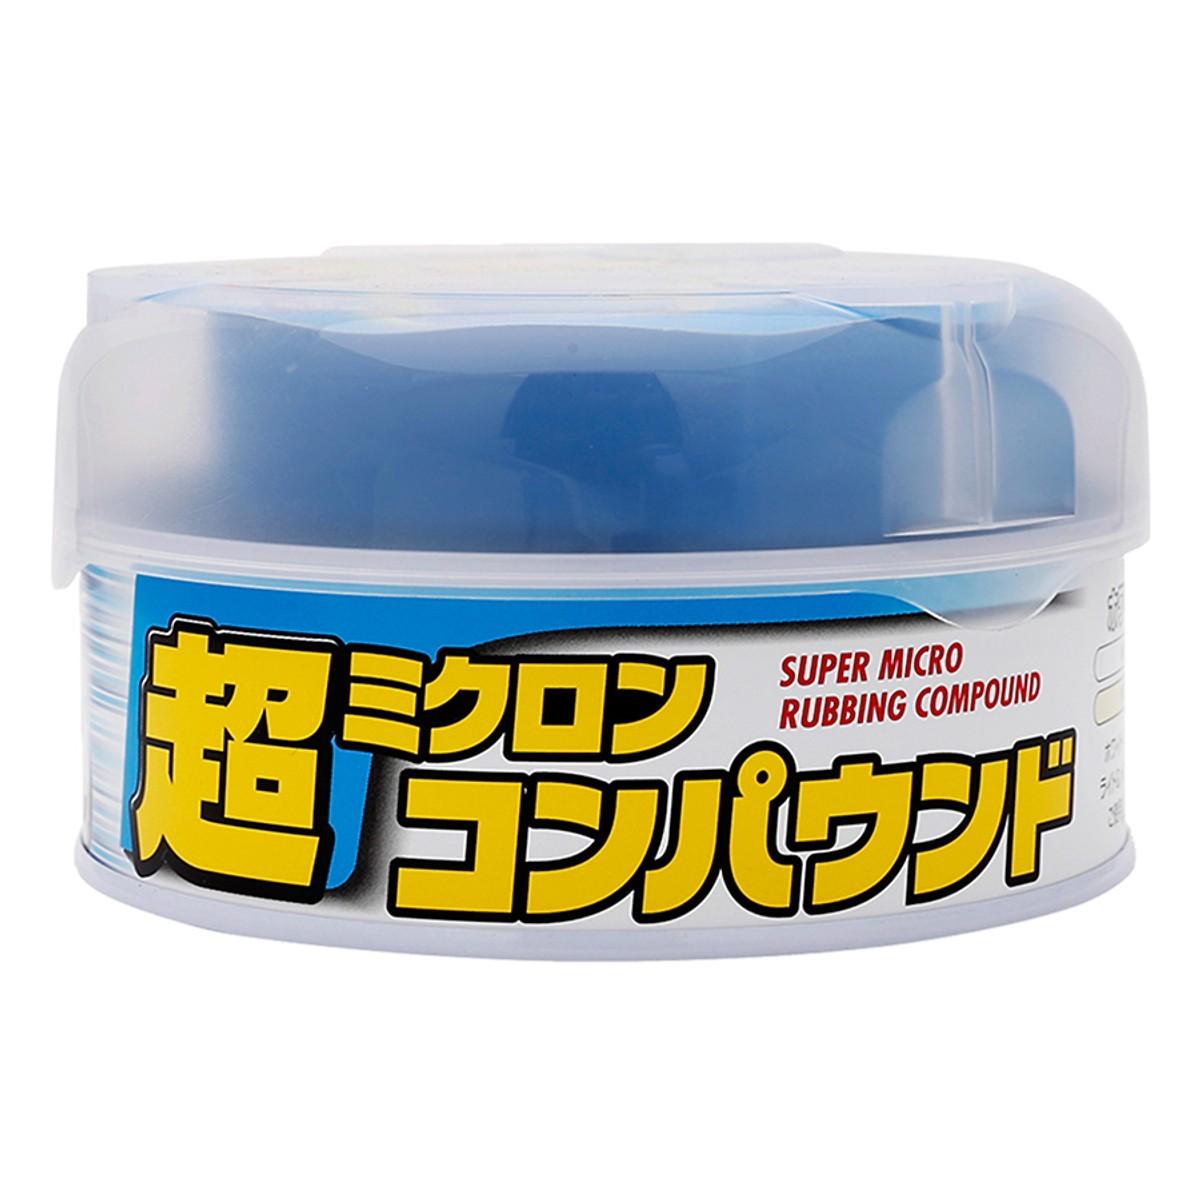 Sáp Đánh Bóng Micro Rubbing Compound White Soft99 B-38